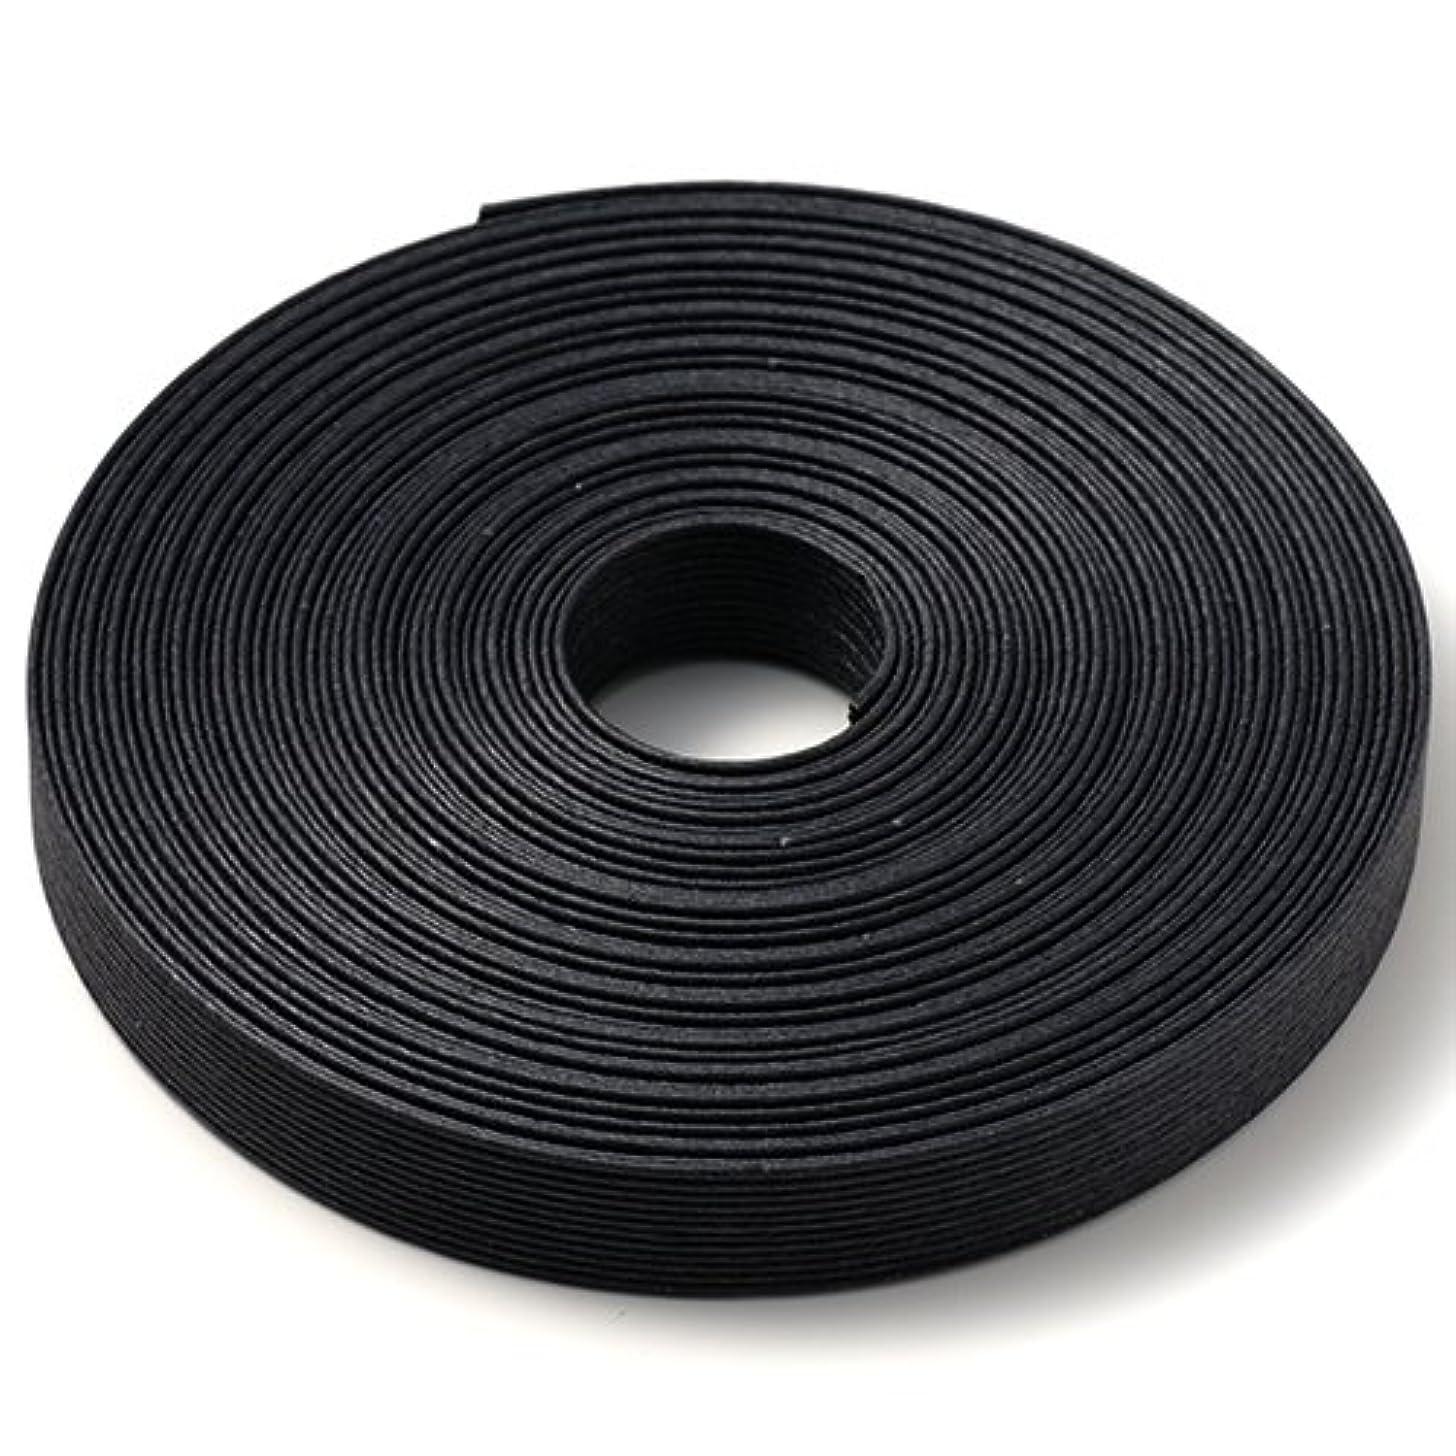 新しさヶ月目慣習手芸用エコクラフトテープ ブラック 199m巻 幅15mm 12芯